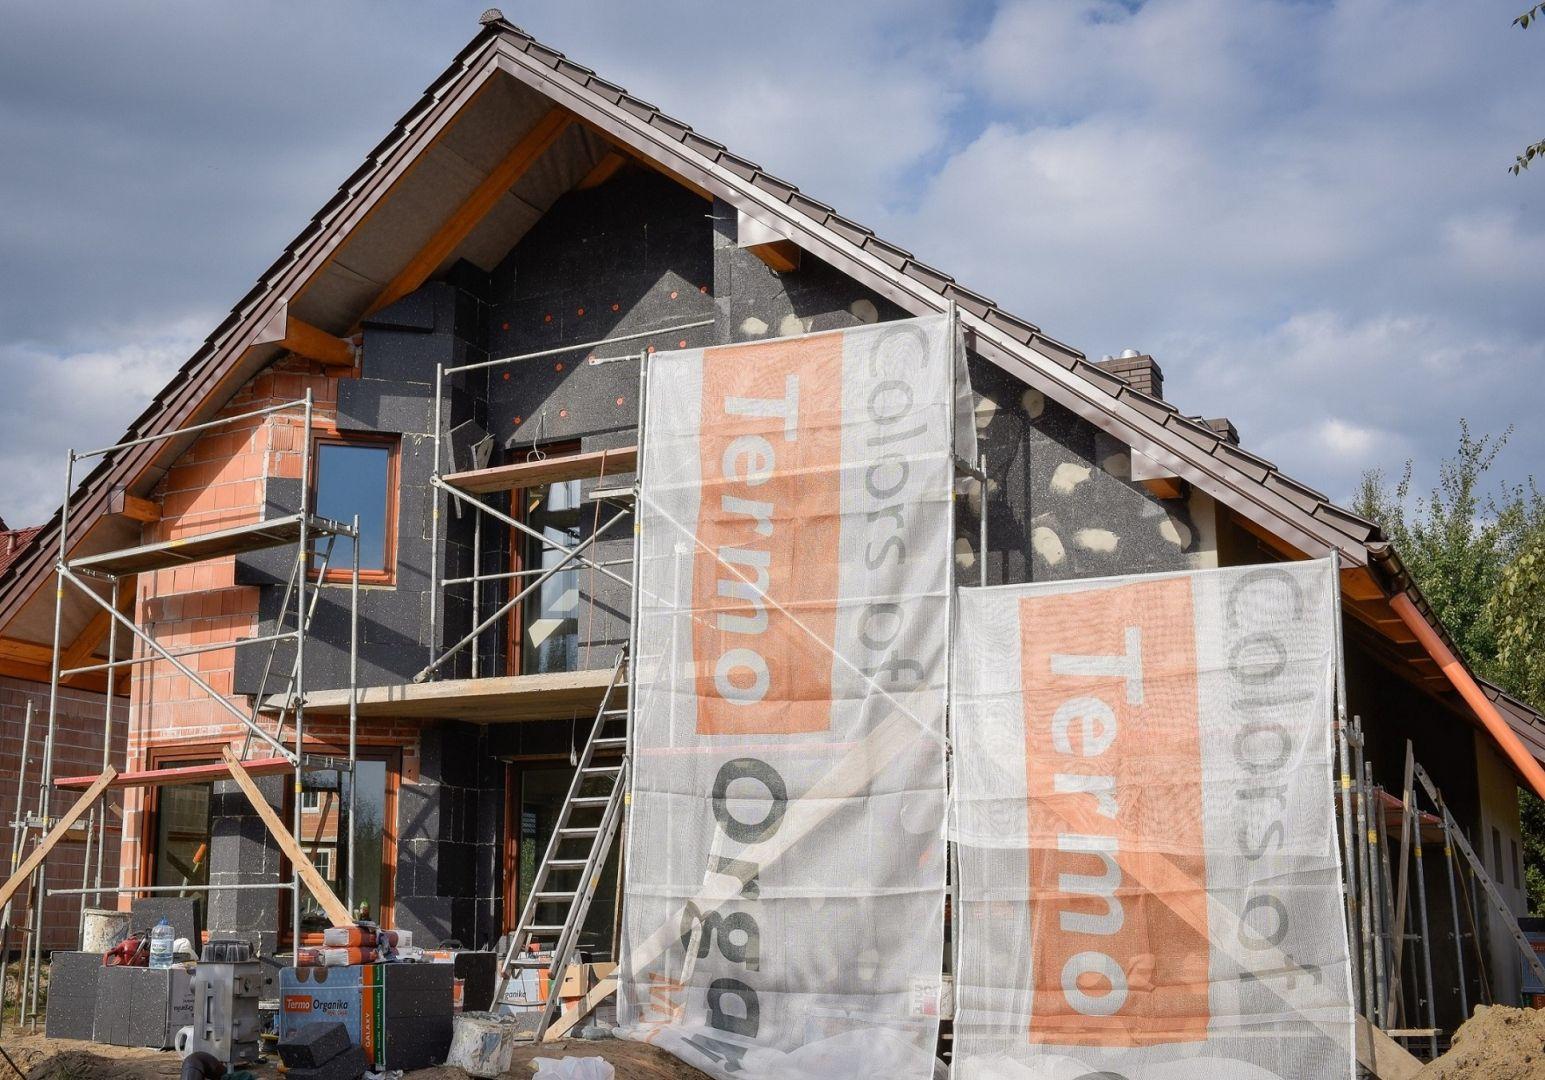 Materiały budowlane o obniżonych parametrach nie gwarantują skuteczności, np. w przypadku termomodernizacji narażają inwestora na konkretne straty liczone w tysiącach złotych. Fot. Termo Organika